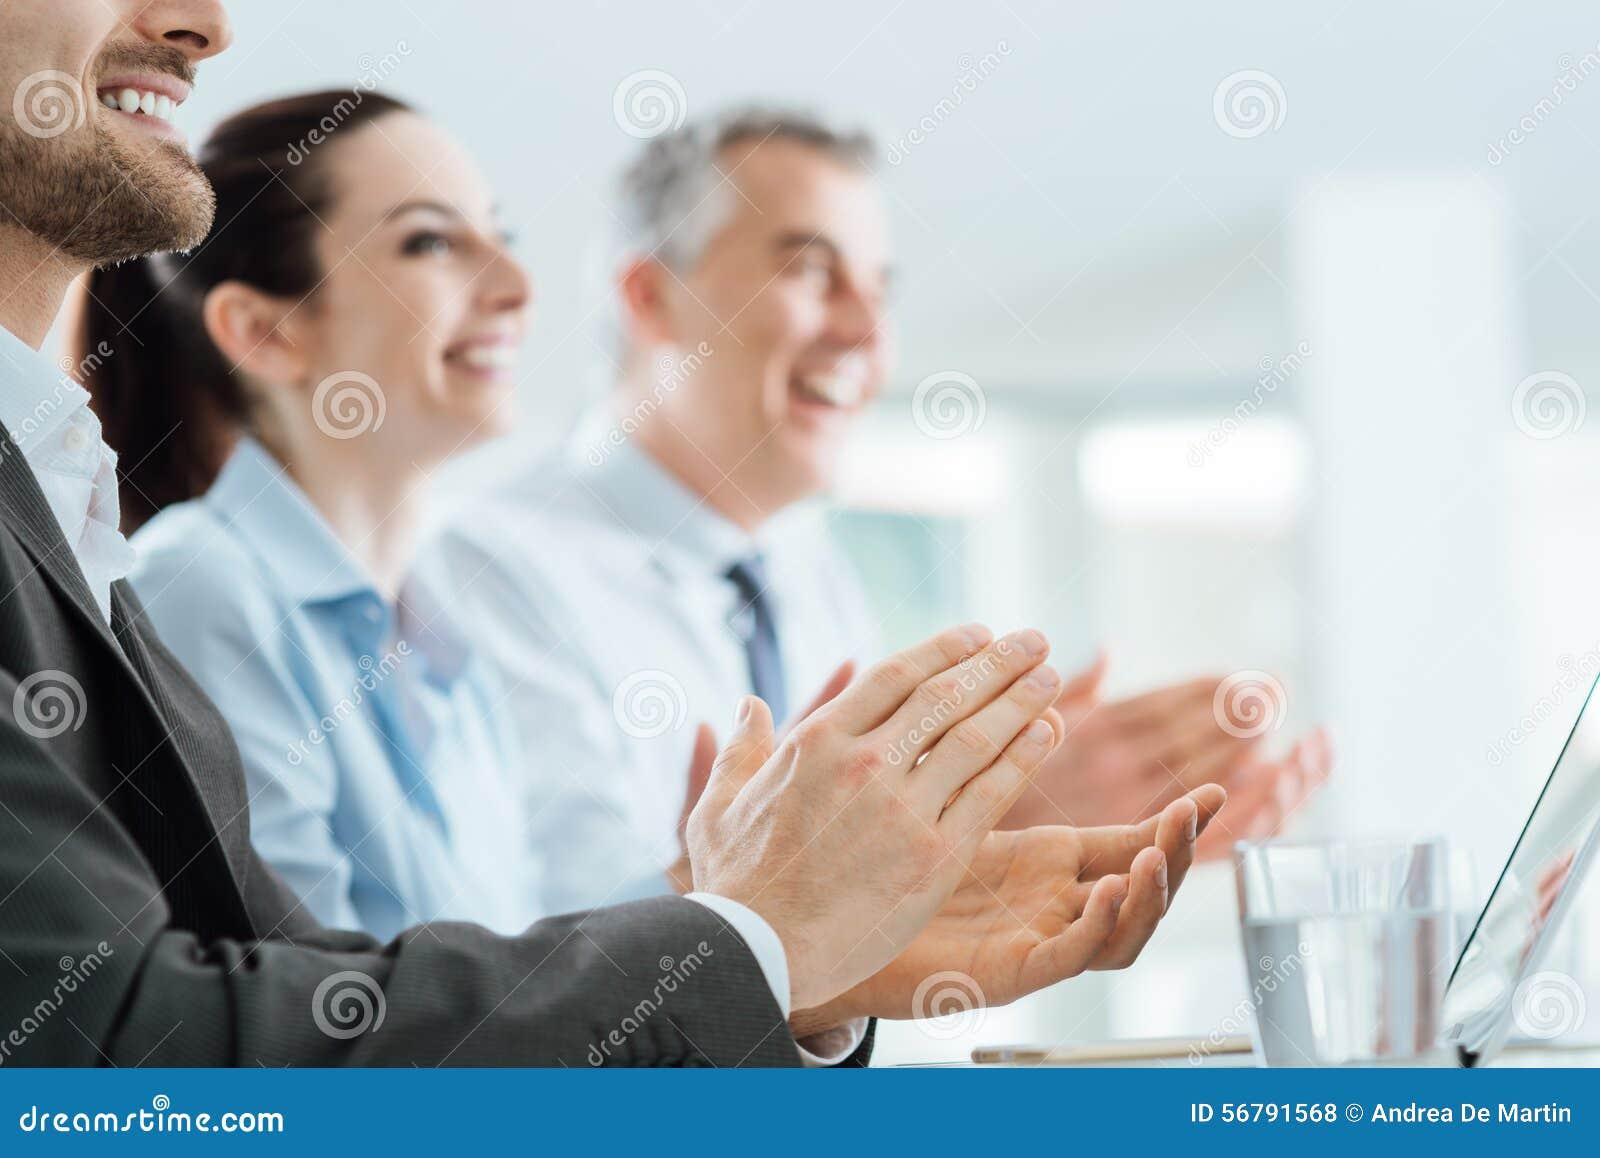 Bedrijfsmensen die handen slaan tijdens een seminarie